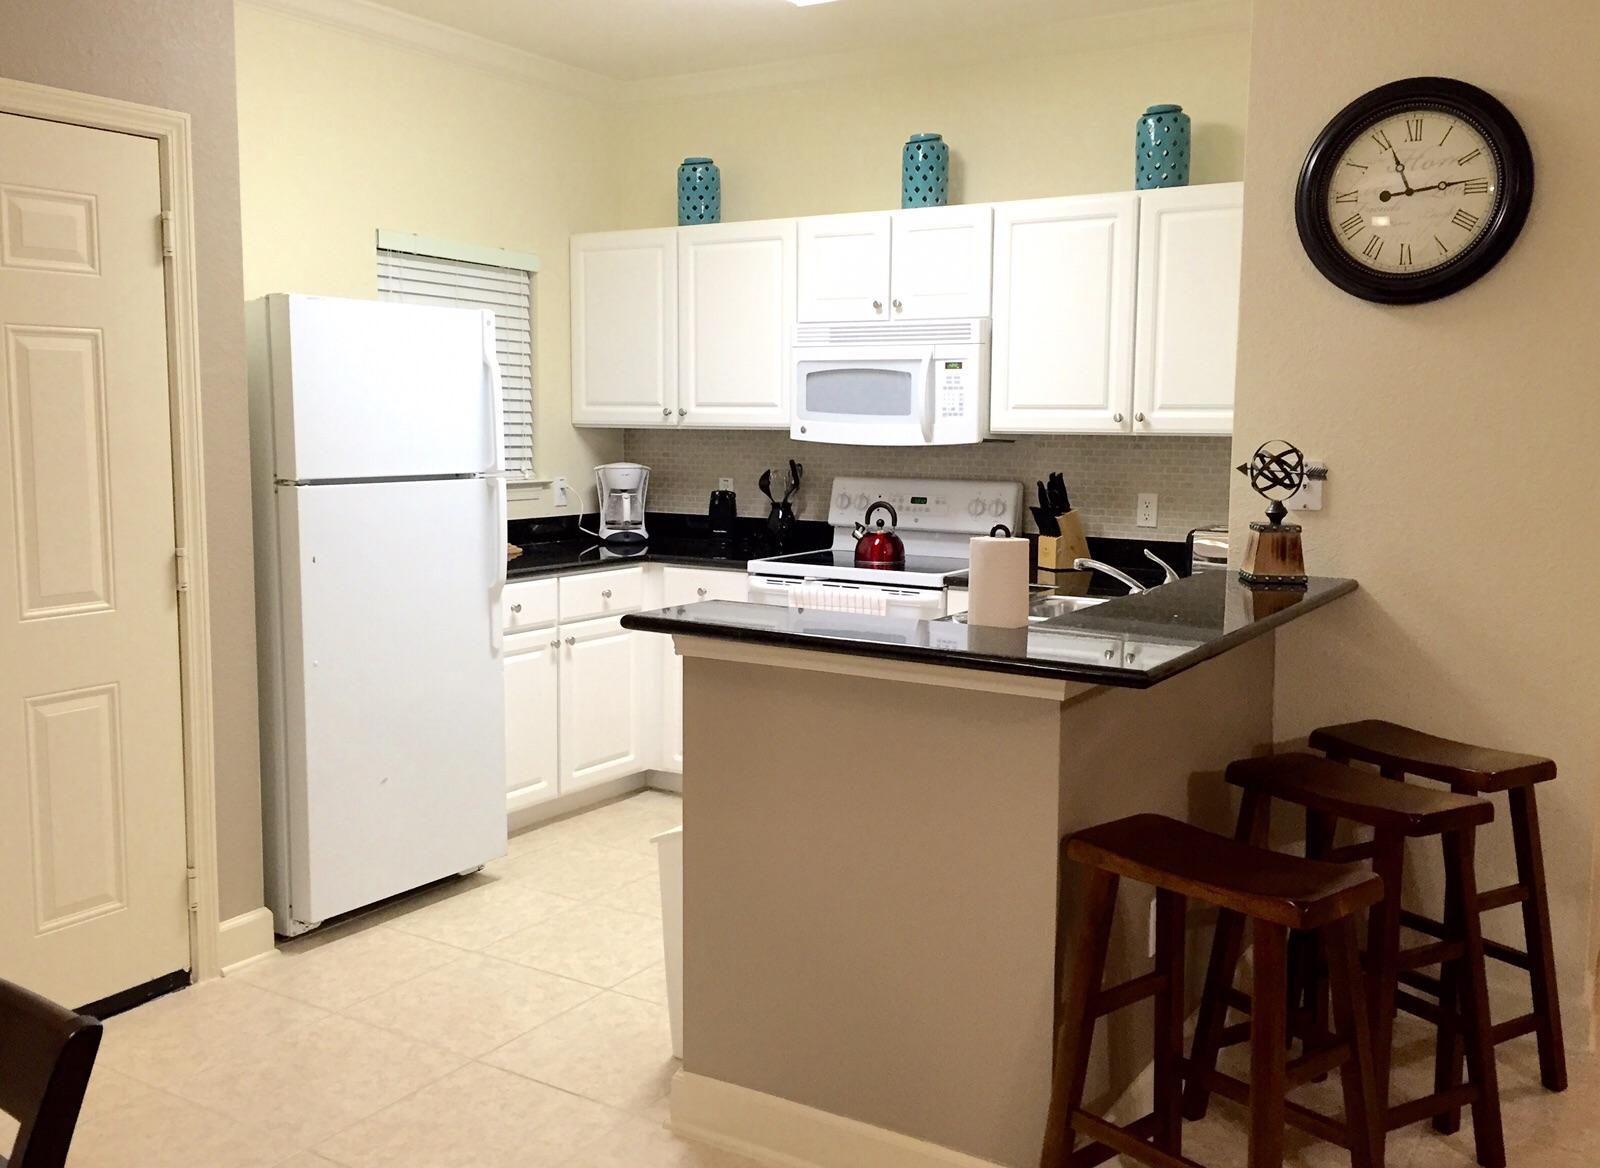 4 cozinha.JPG